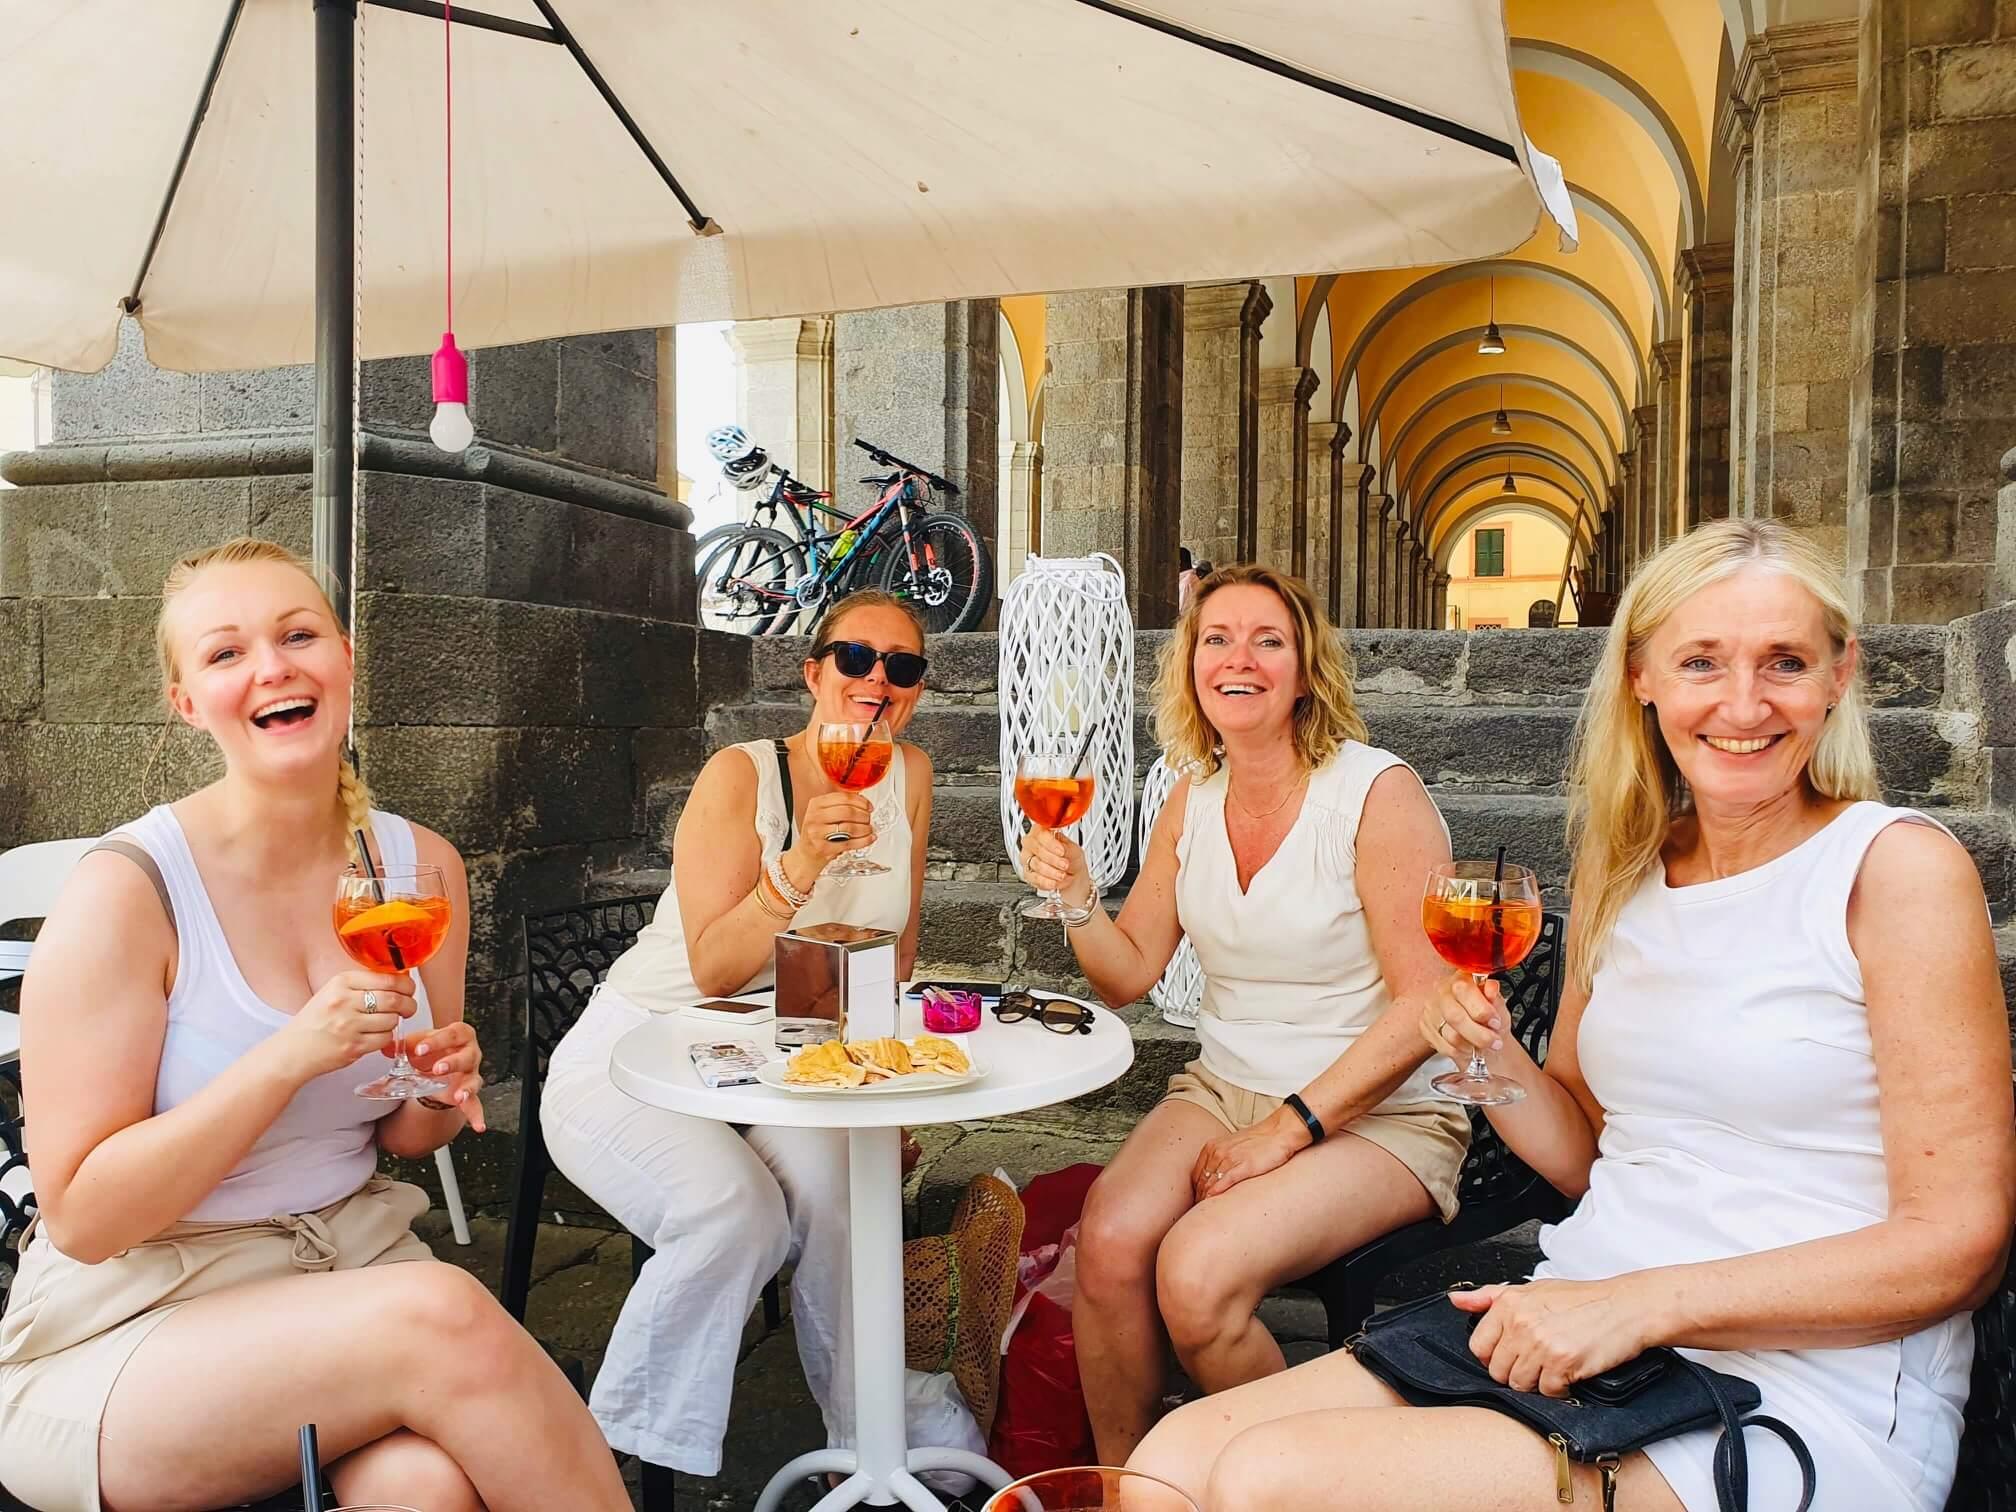 Drømmer du om noe, men lar det bli med tanken fordi du ikke har noen å gjøre det med? La deg inspirere av åtte vågale damer på vinkurs i Italia.